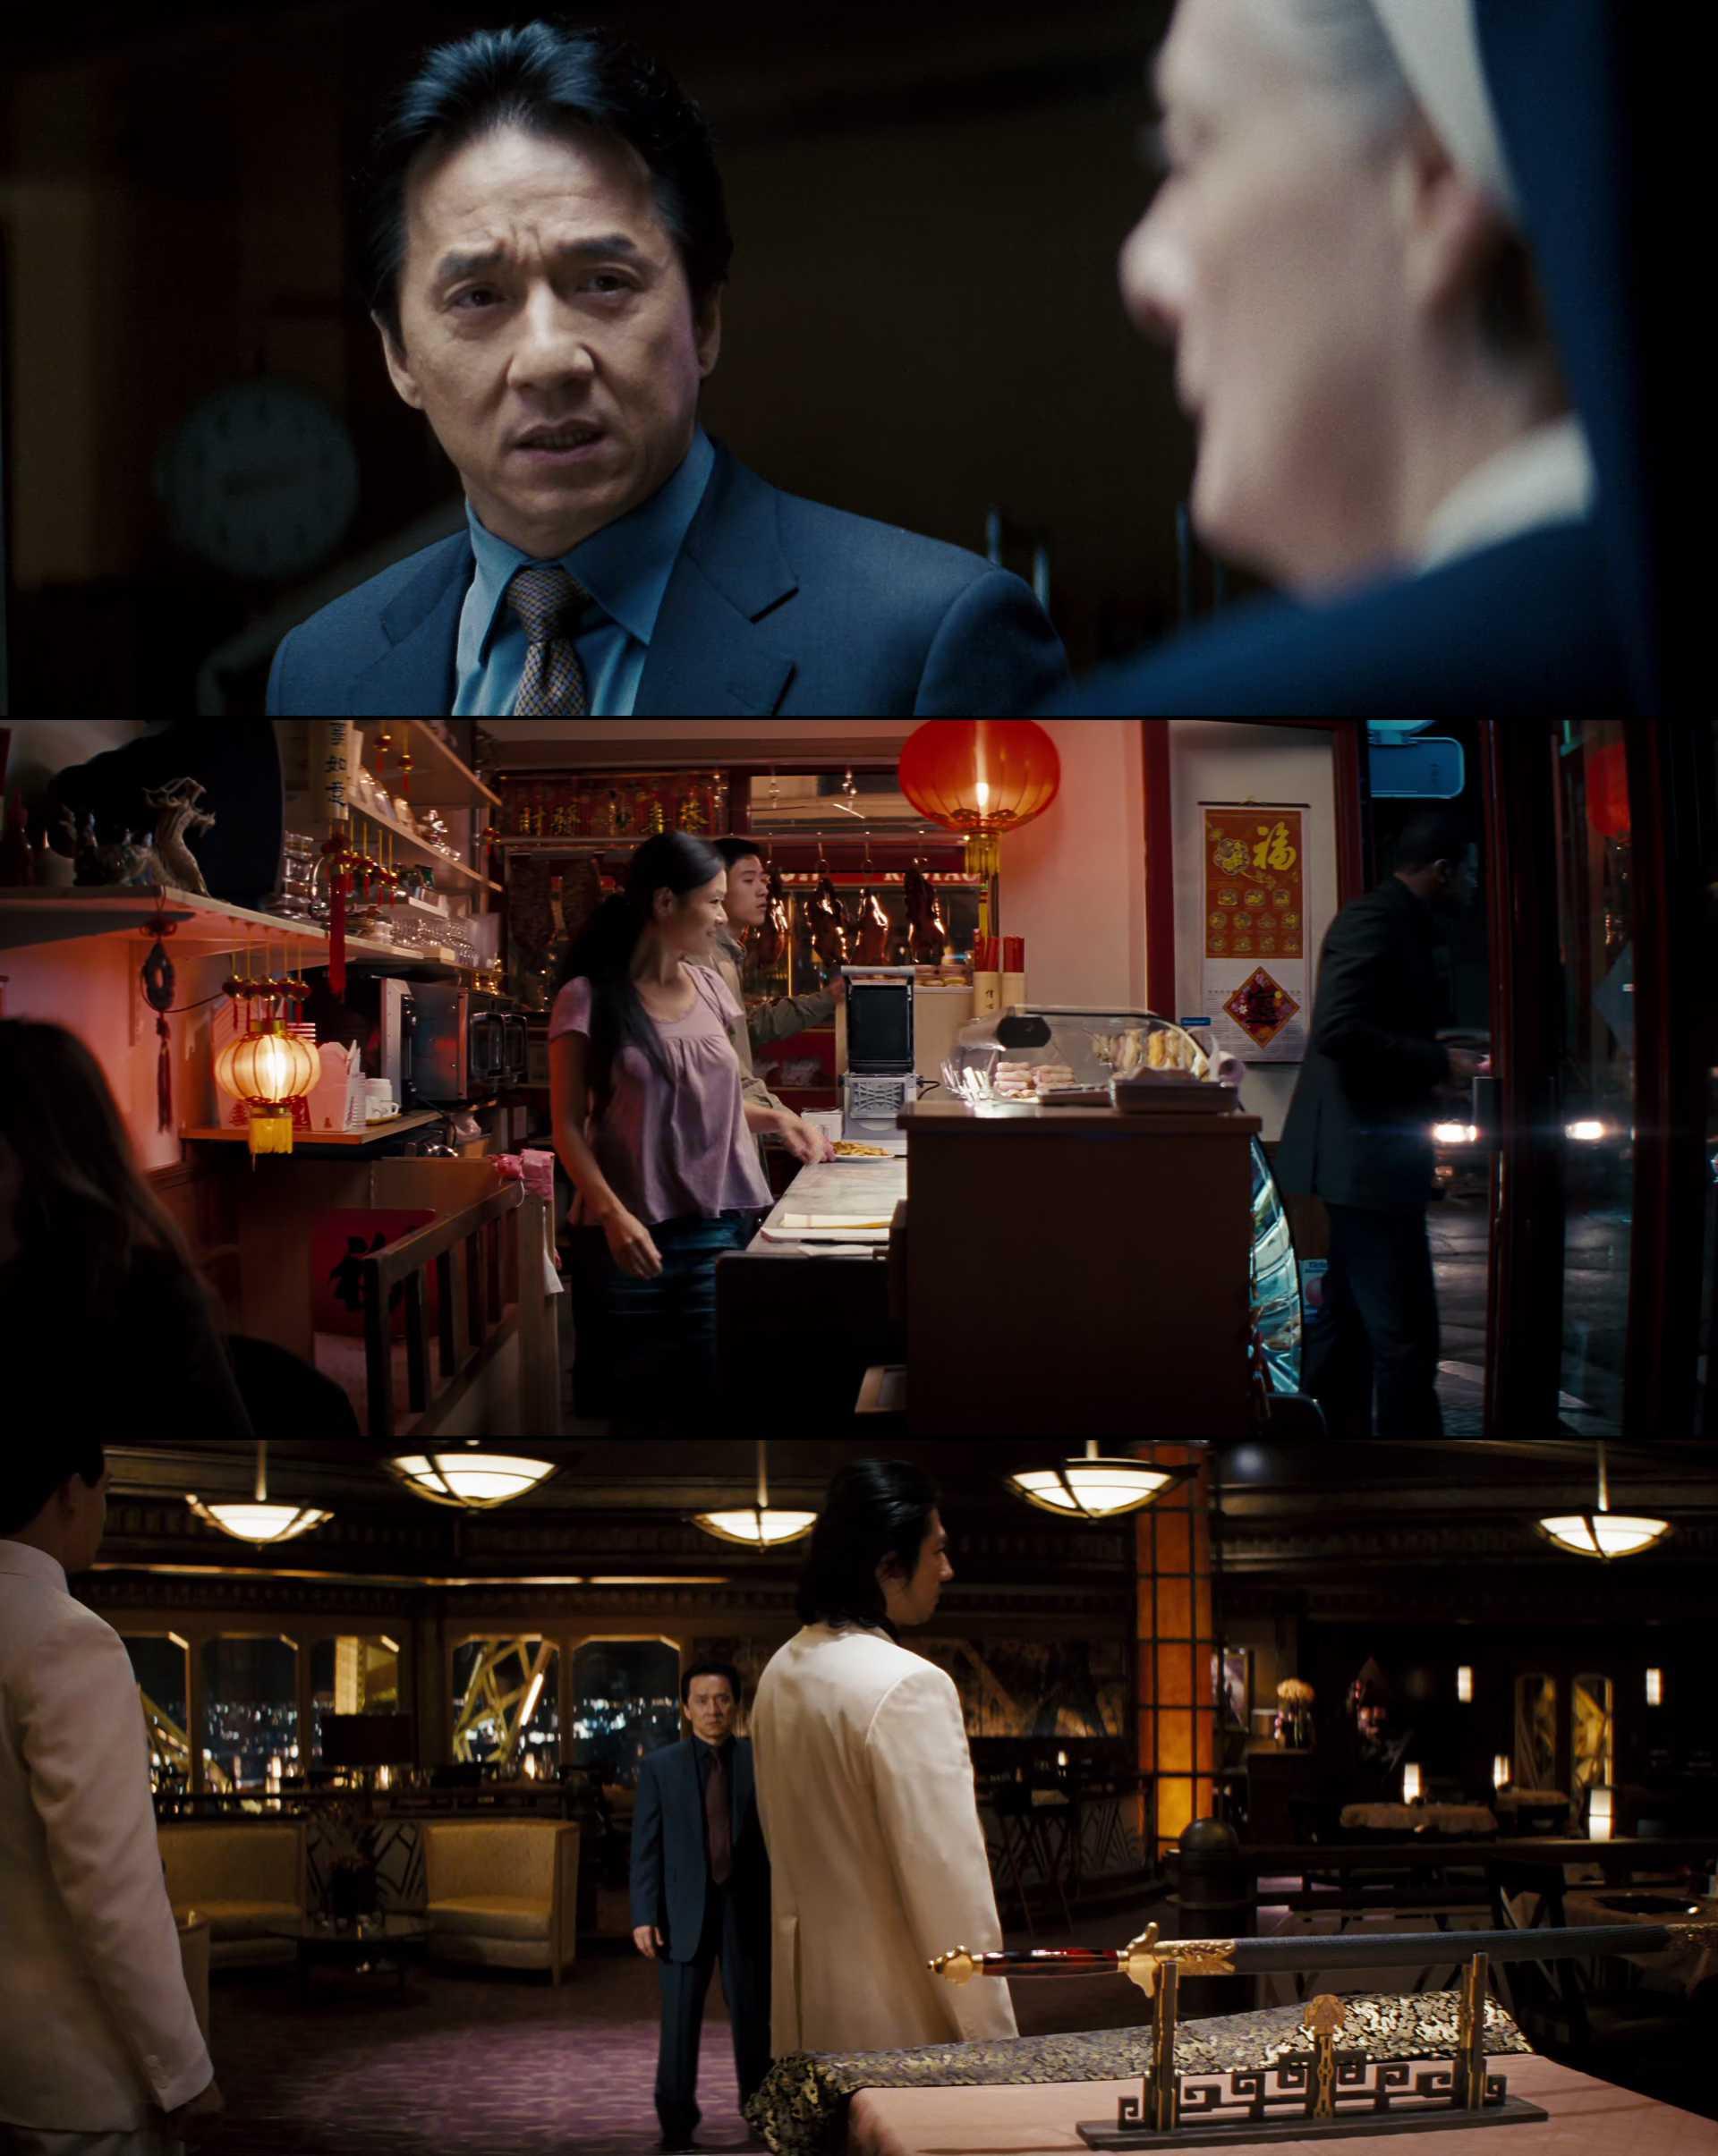 Screenshot of Rush Hour 3 Movie